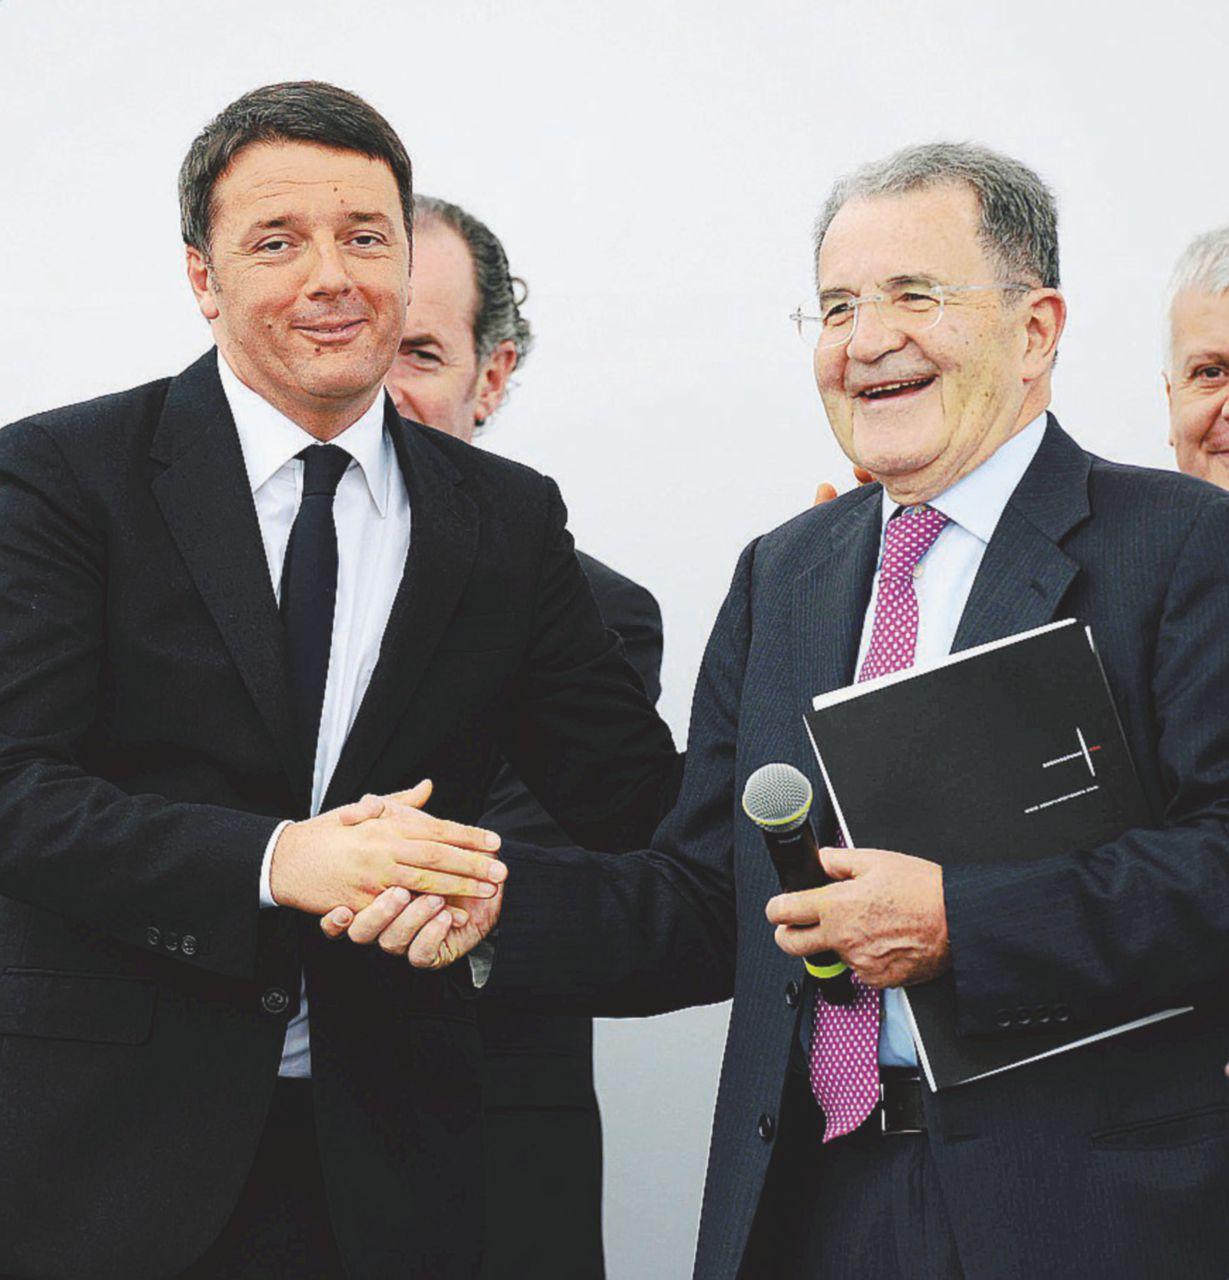 Renzi vede Prodi: lo teme e vuole capire che farà